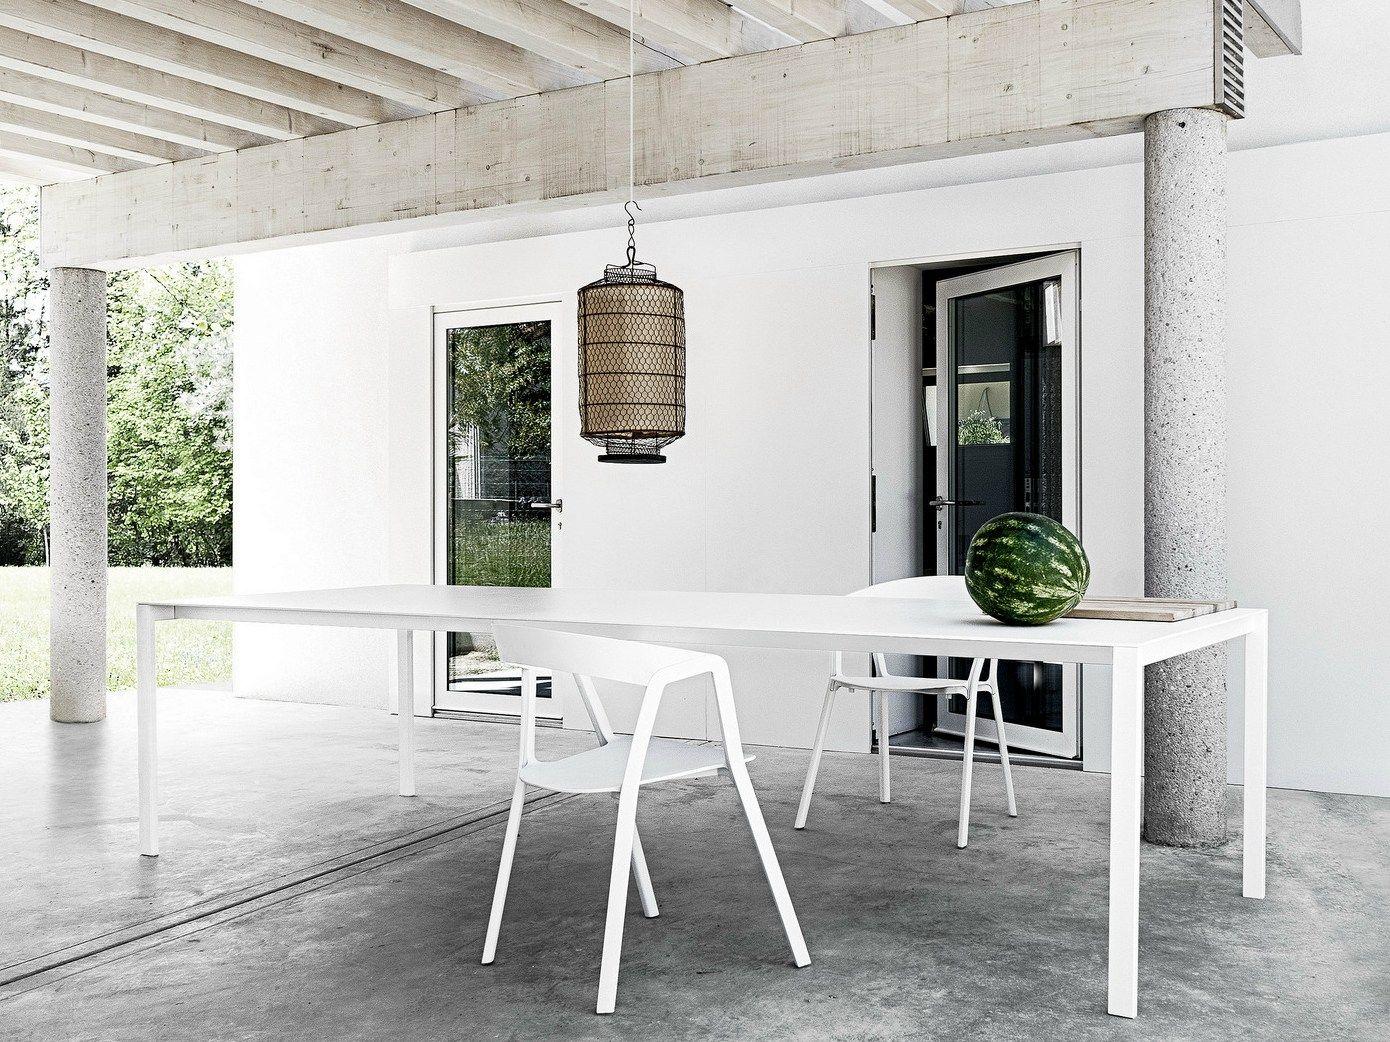 ausziehbarer tisch thin k by kristalia design luciano. Black Bedroom Furniture Sets. Home Design Ideas